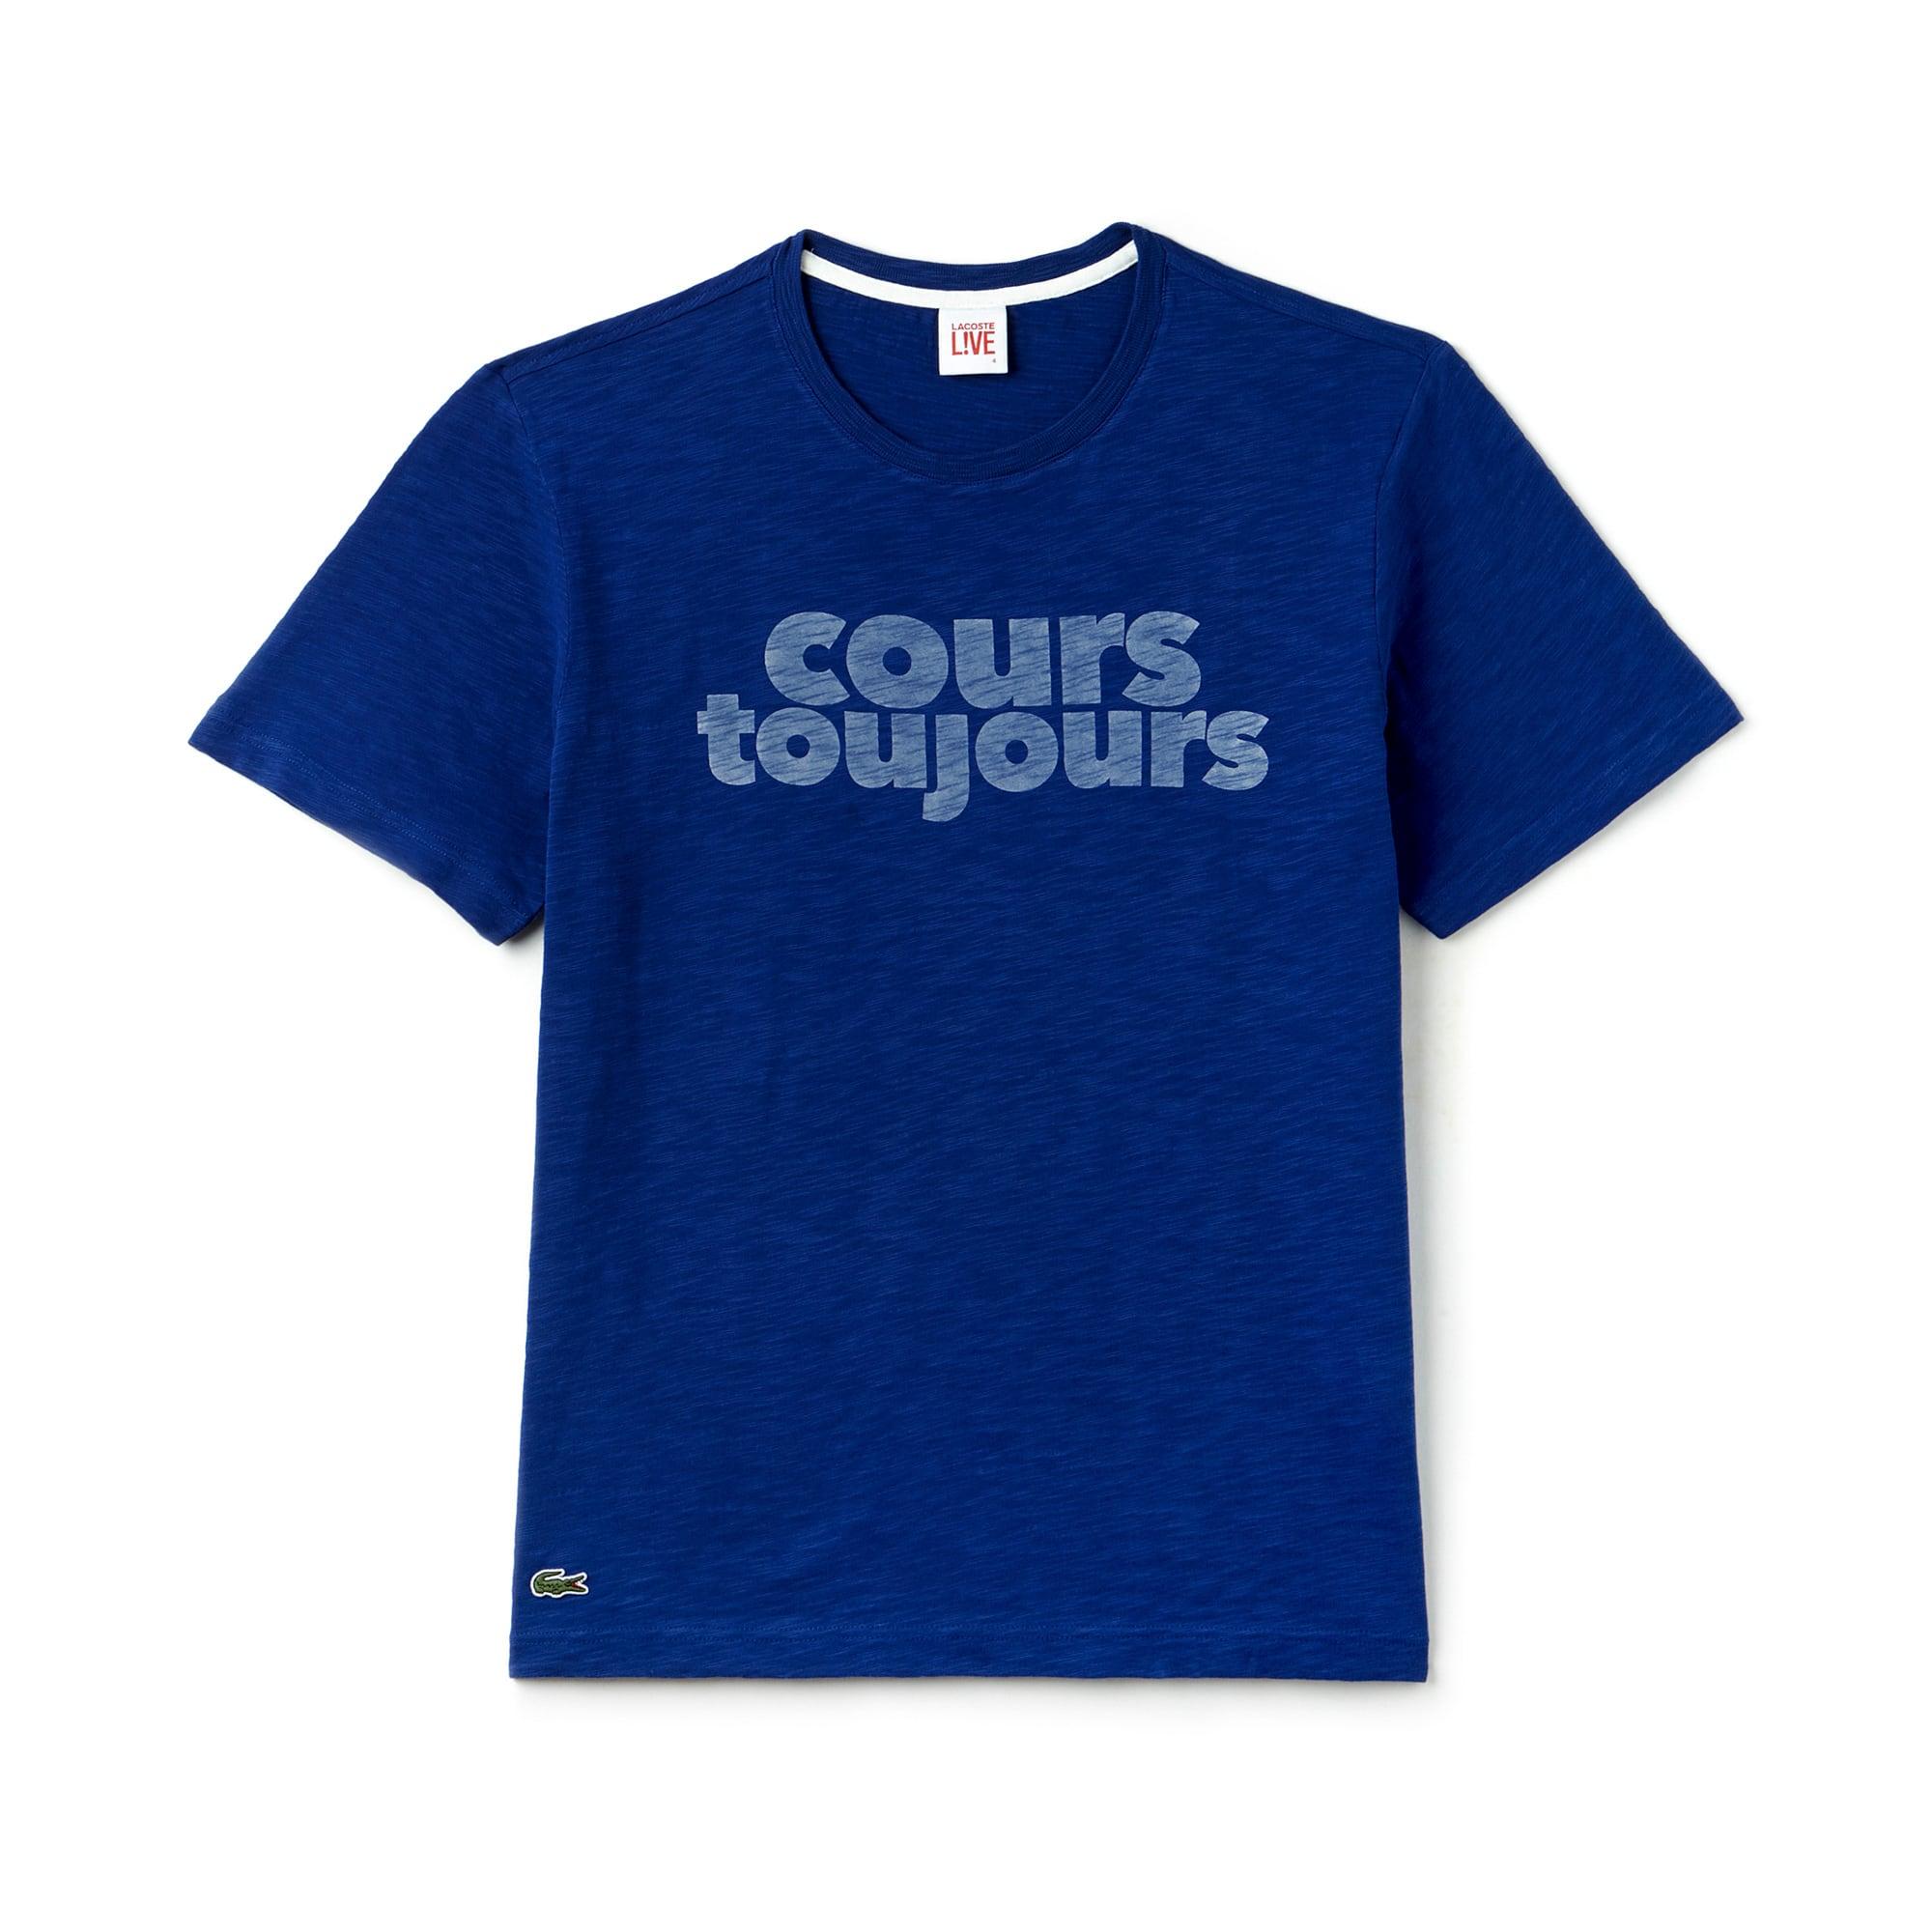 Camiseta Lacoste LIVE unissex em tecido jérsei com gola redonda e estampa cours toujours